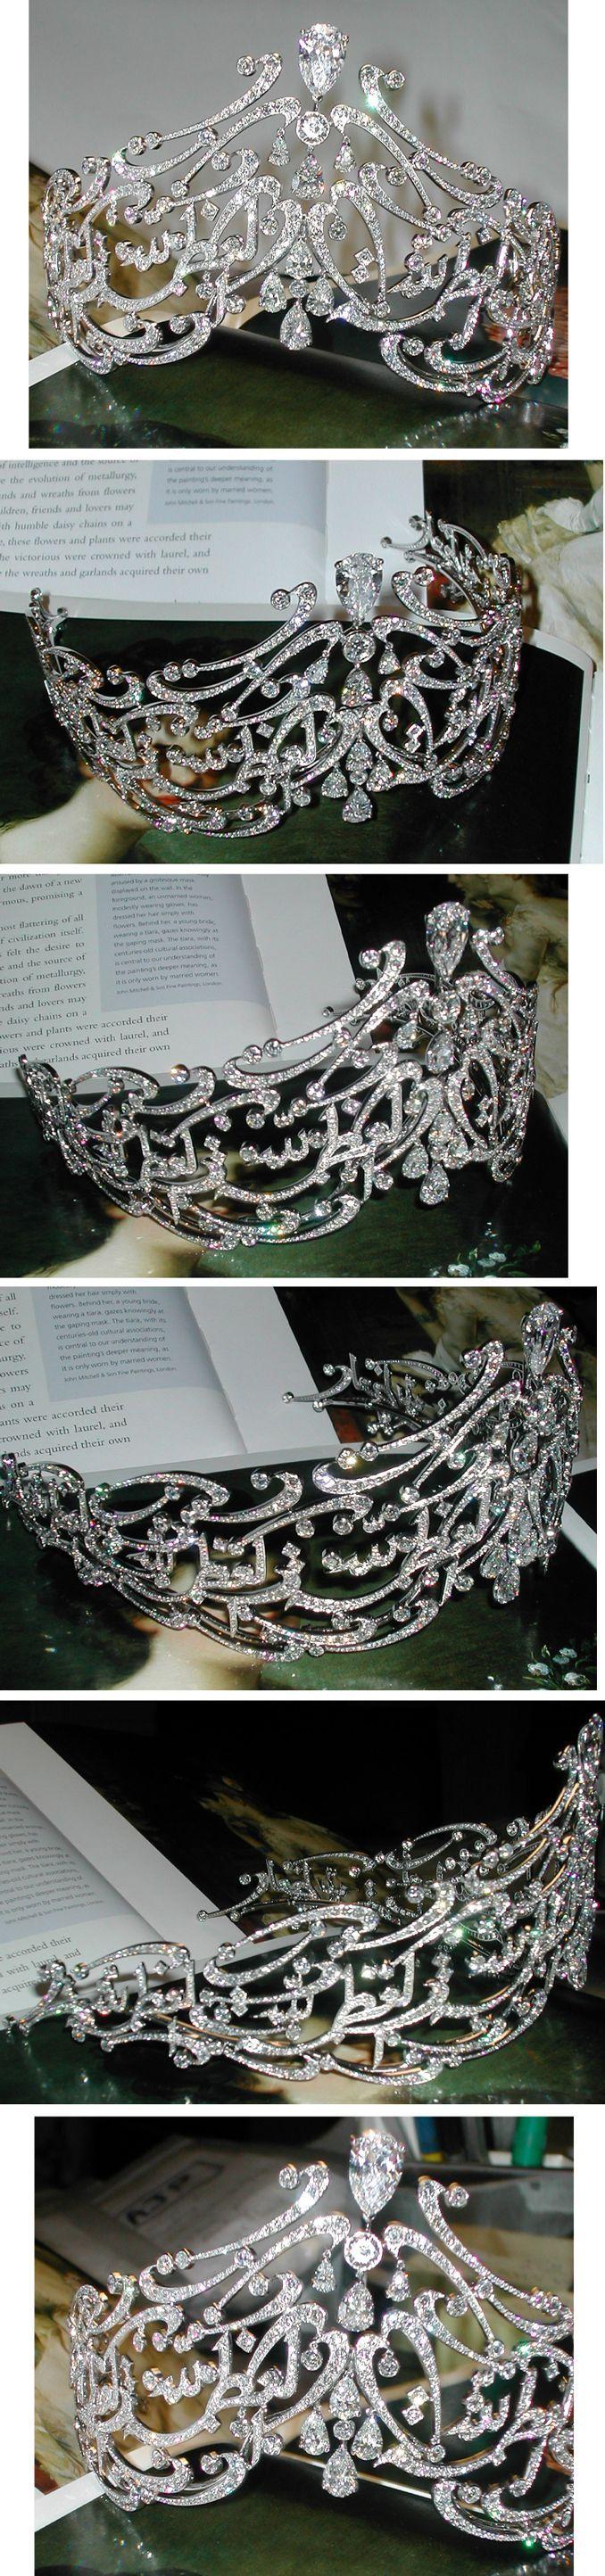 Tiara de diamantes de la reina Rania de Jordania.